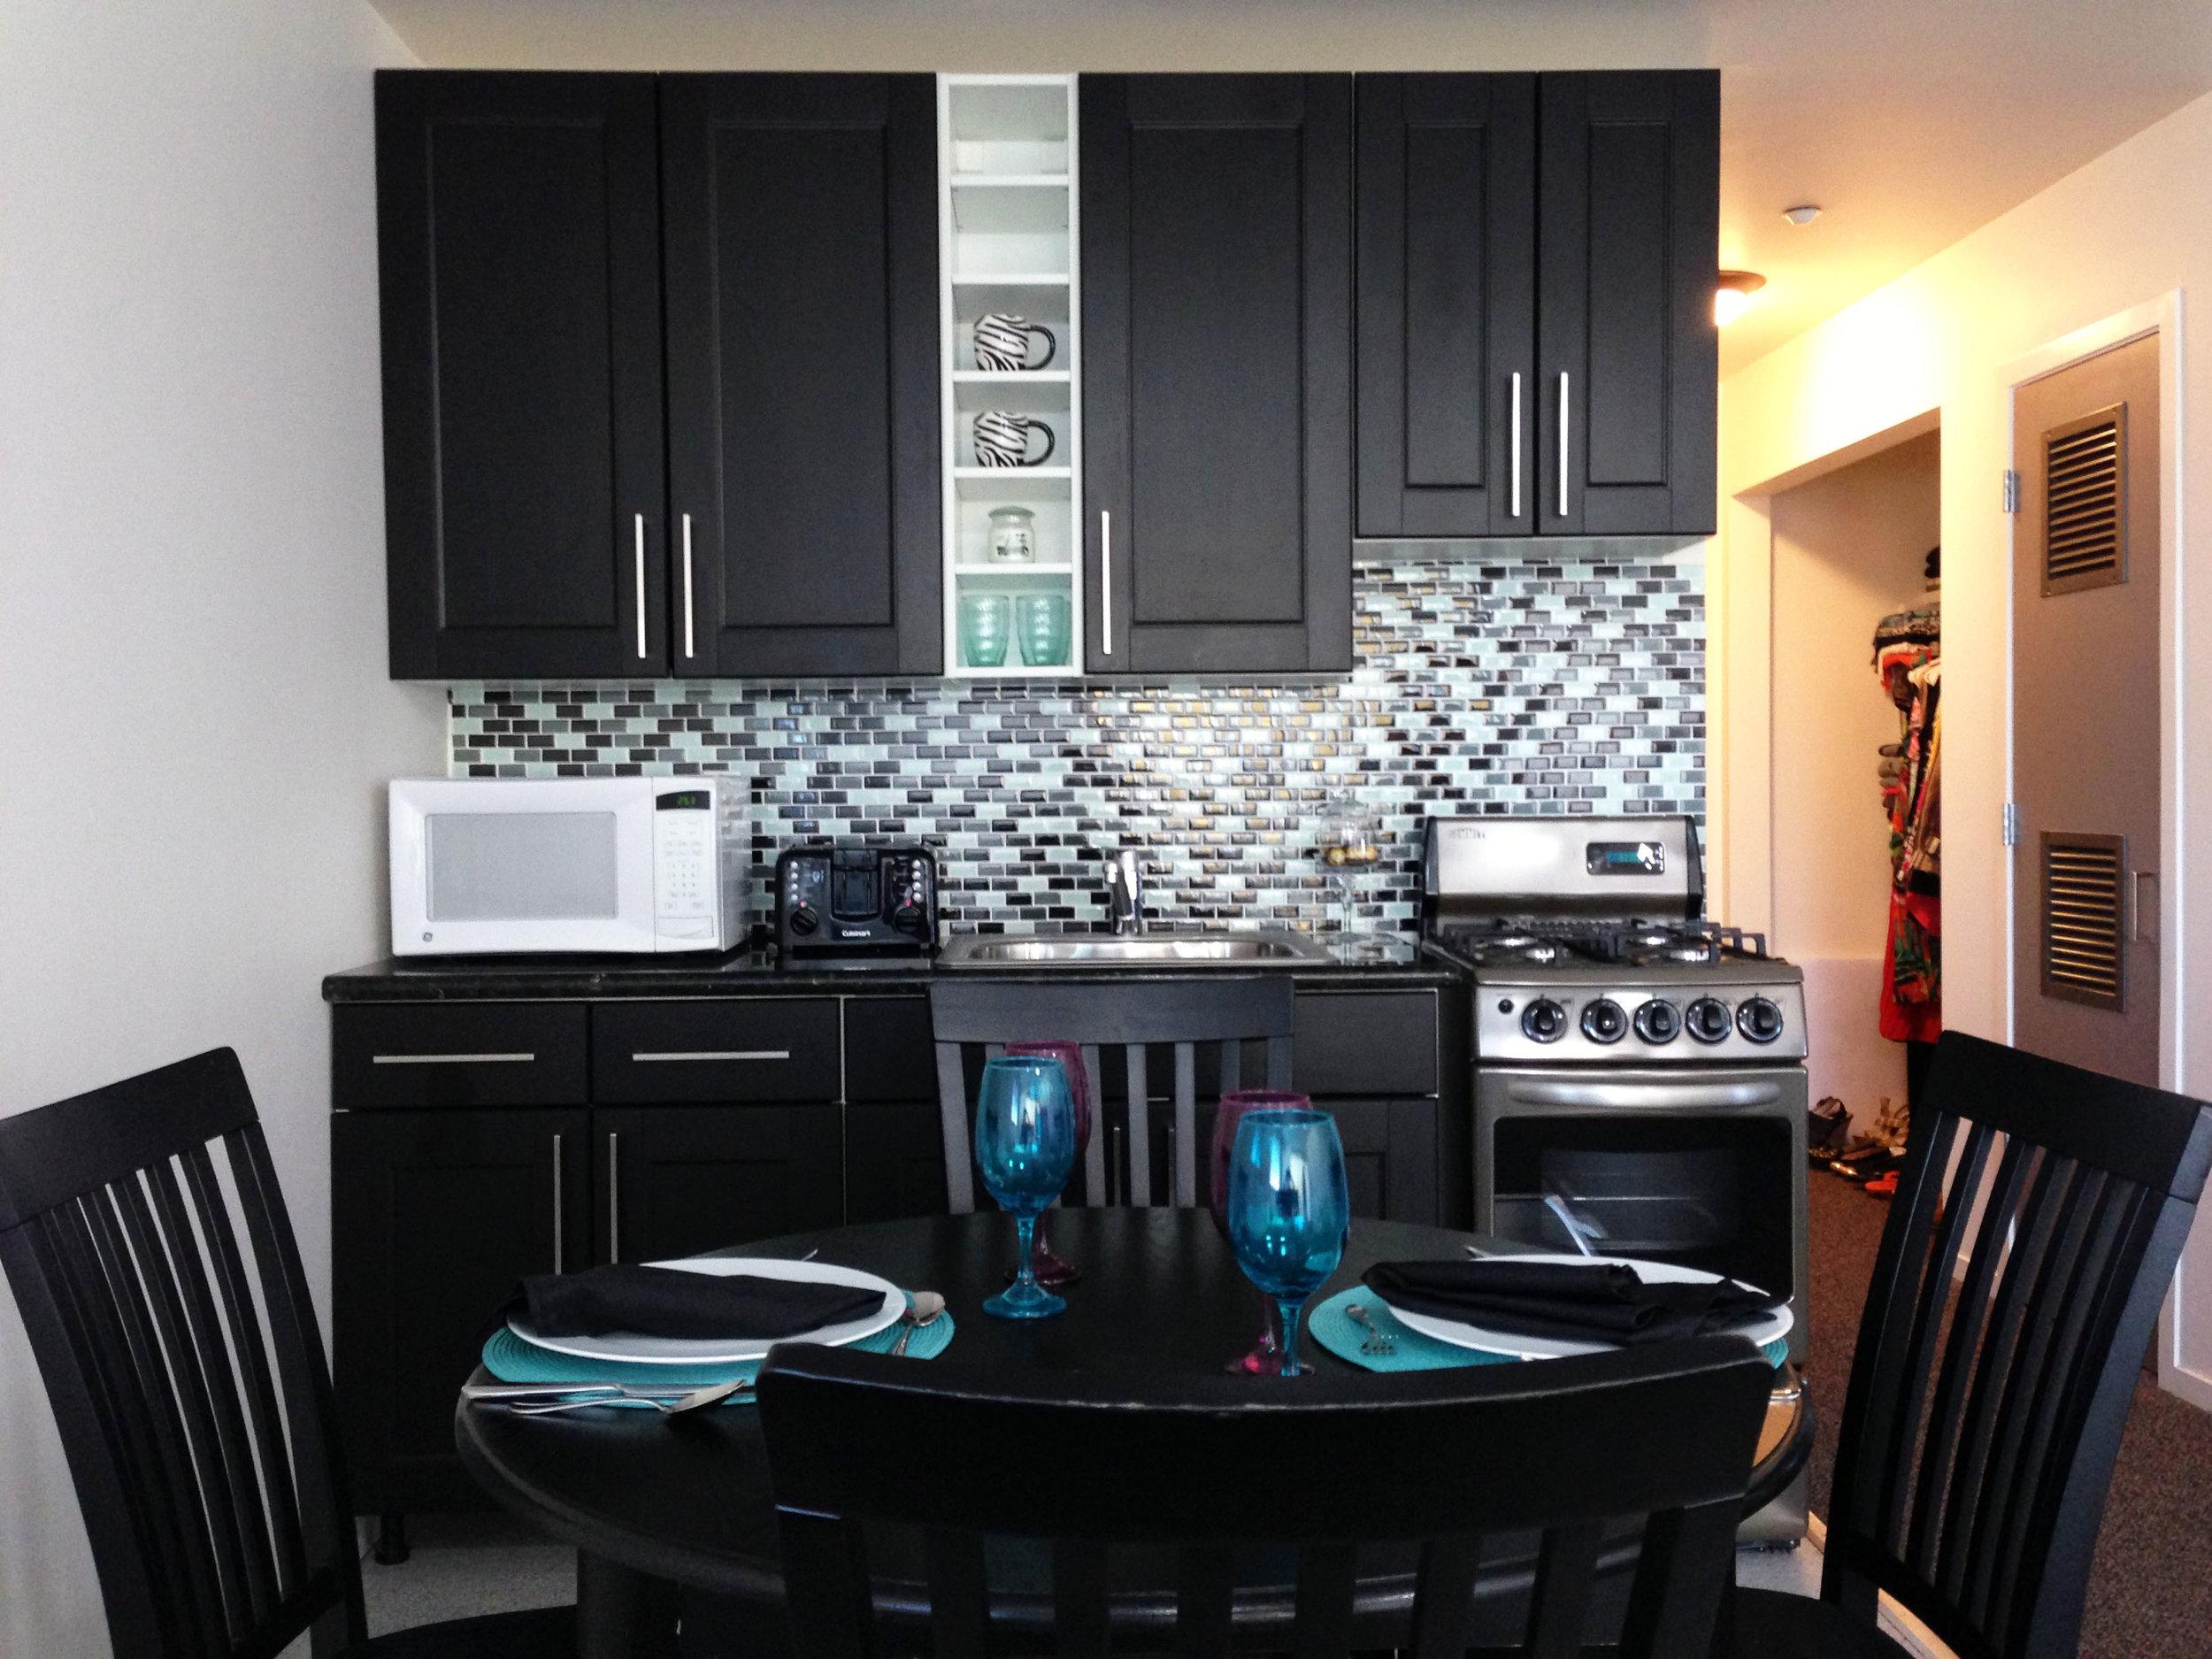 Urban-Crib-Kitchen-11.jpg